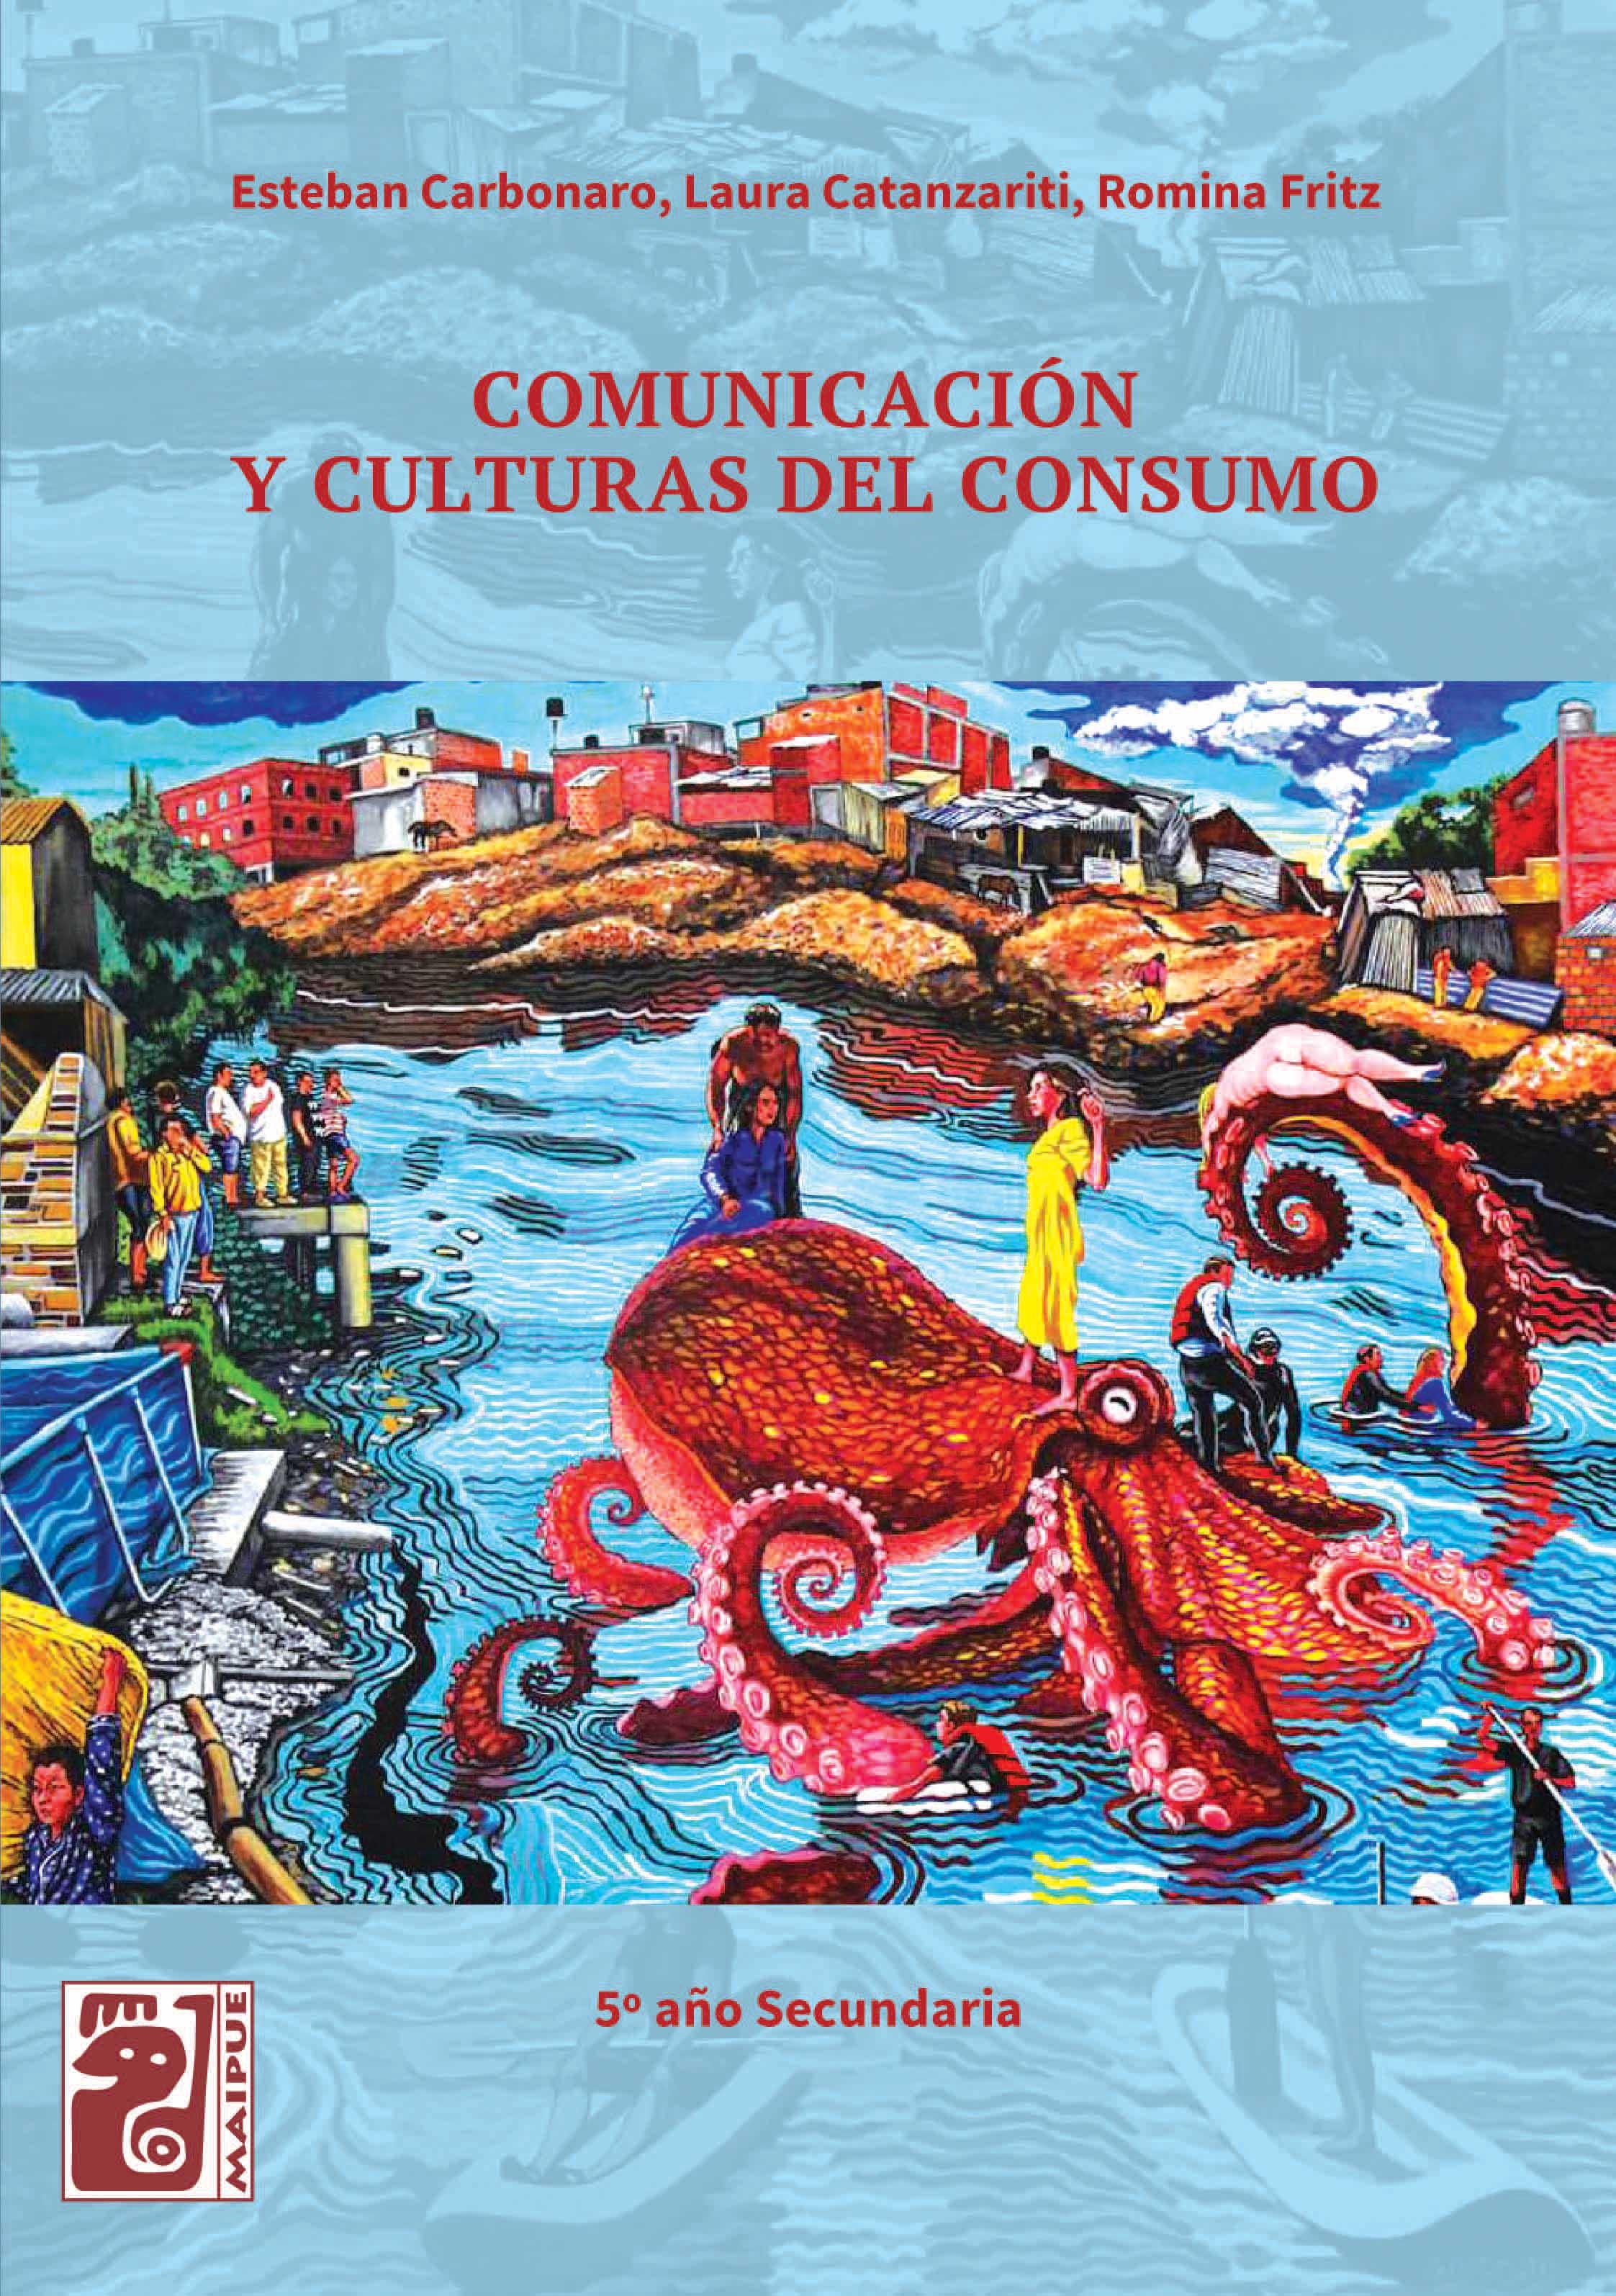 Comunicación y culturas del consumo